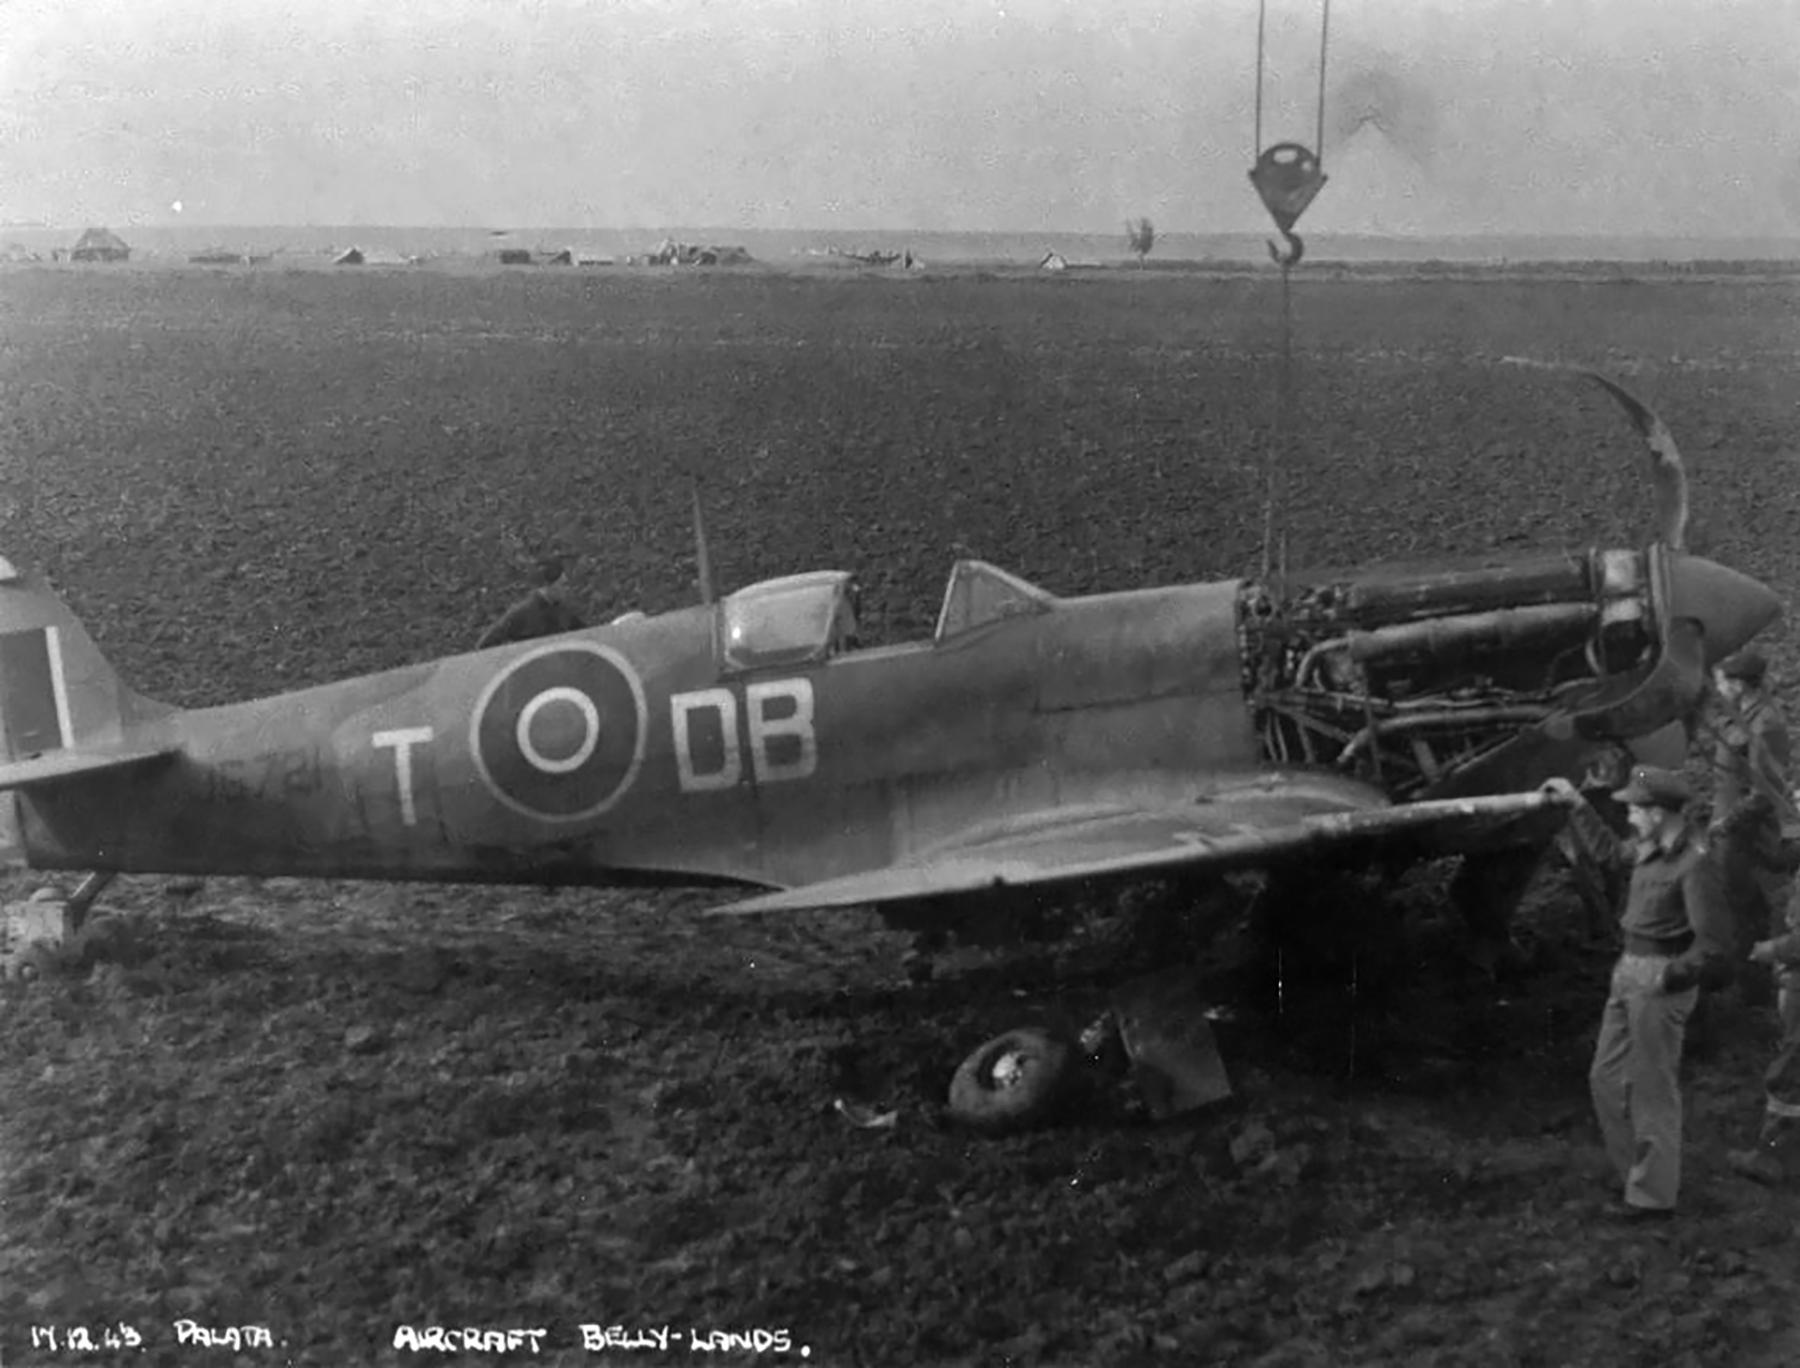 Spitfire MkVcTrop SAAF 2Sqn DBT JG721 Palata Italy 17th Dec 1943 01